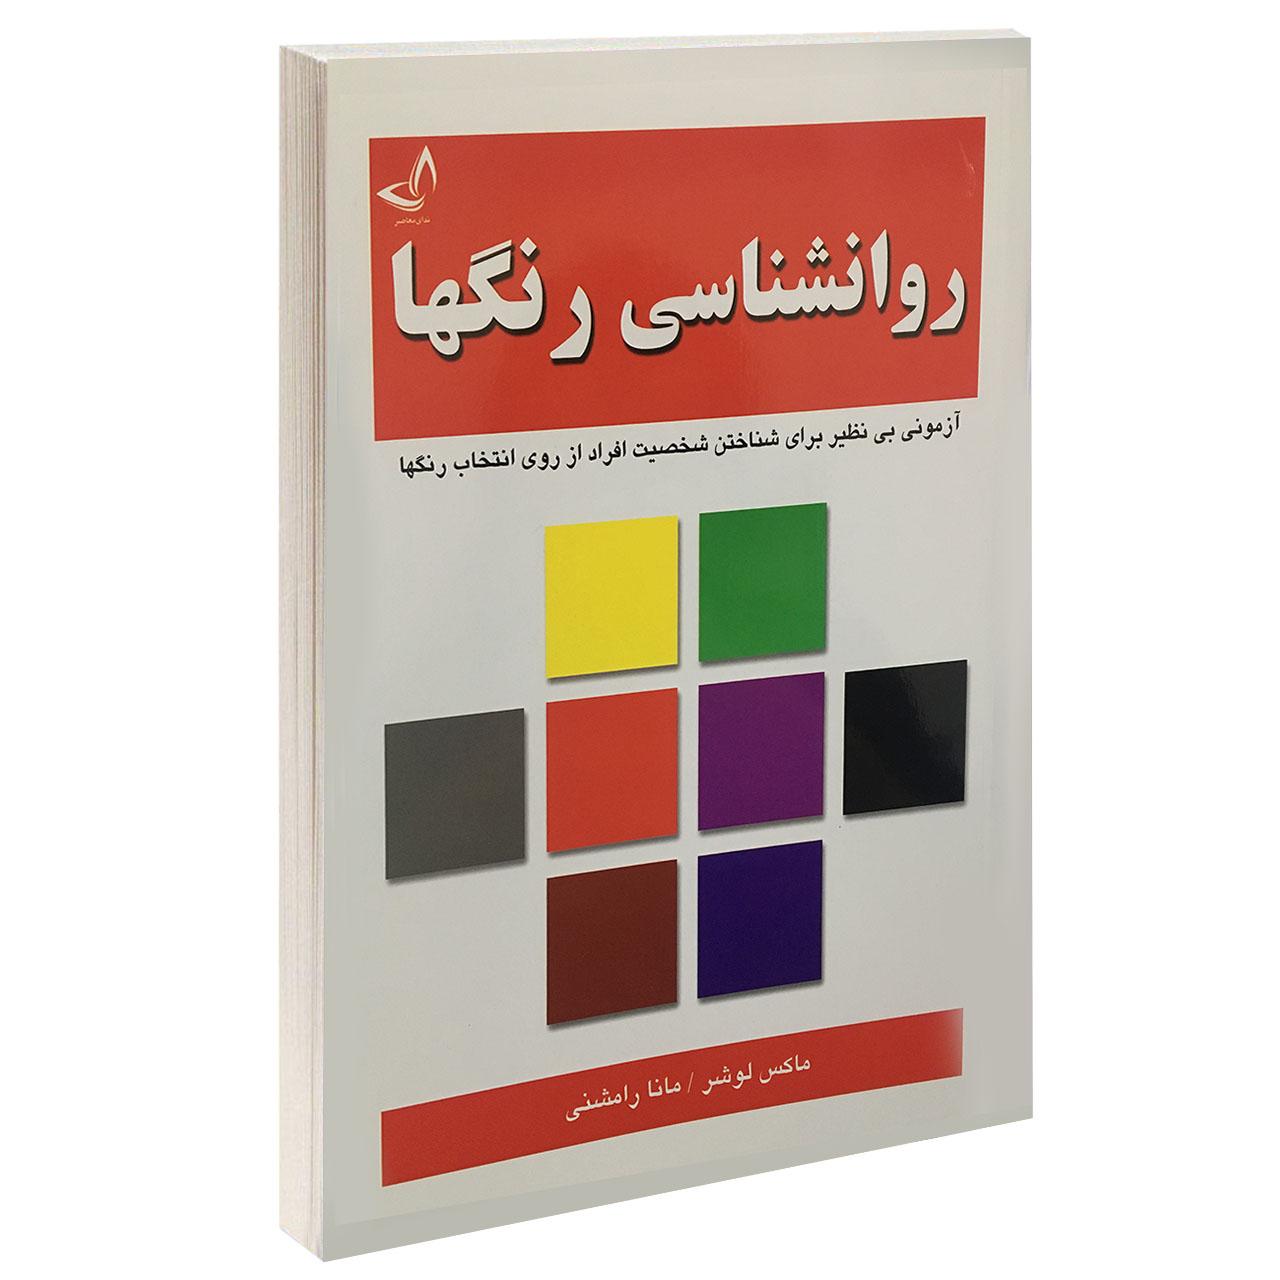 خرید                      کتاب روانشناسی رنگها اثر ماکس لوشر انتشارات ندای معاصر